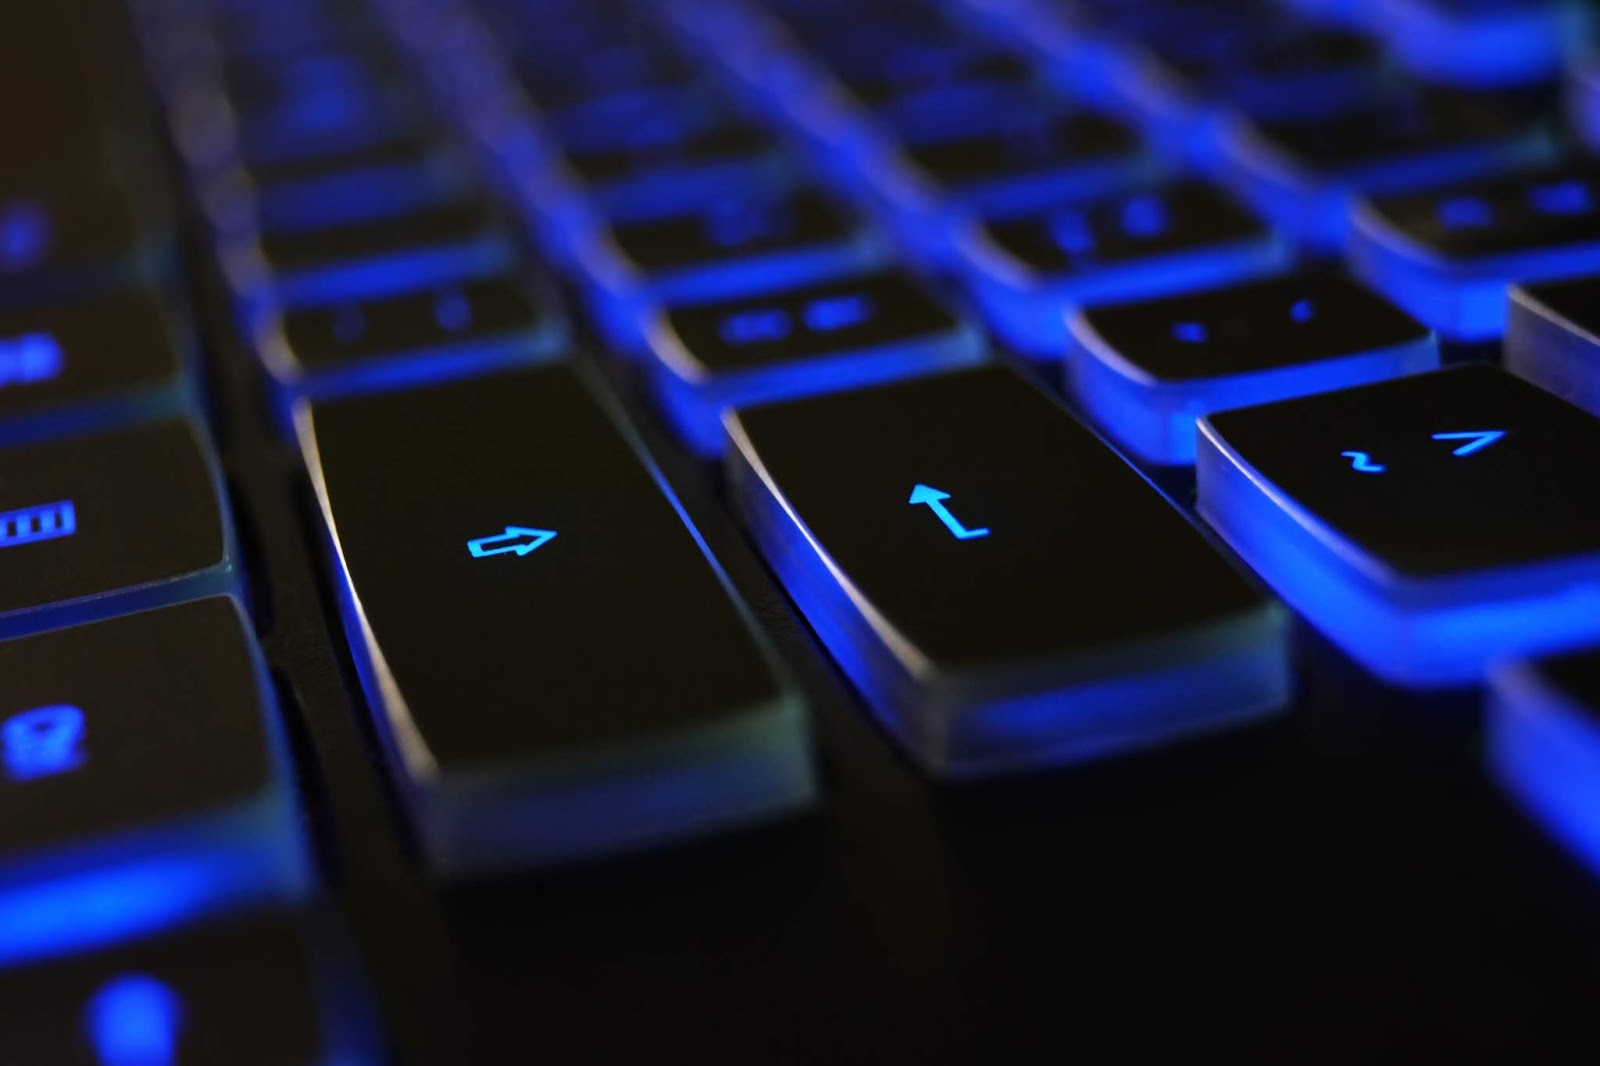 Mavi Işıklı Bilgisayar Klavyesi